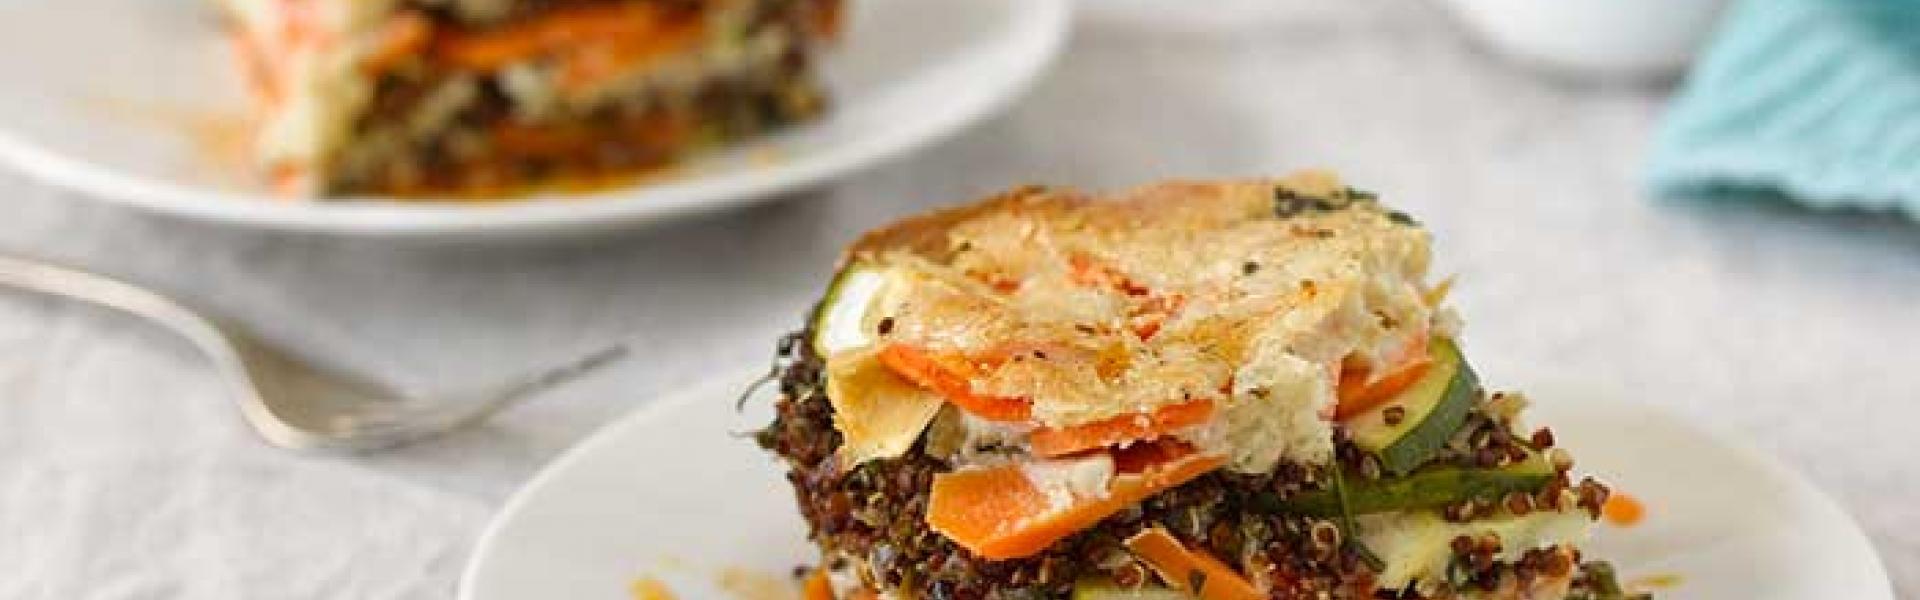 Quinoa Auflauf auf einem Teller angerichtet.